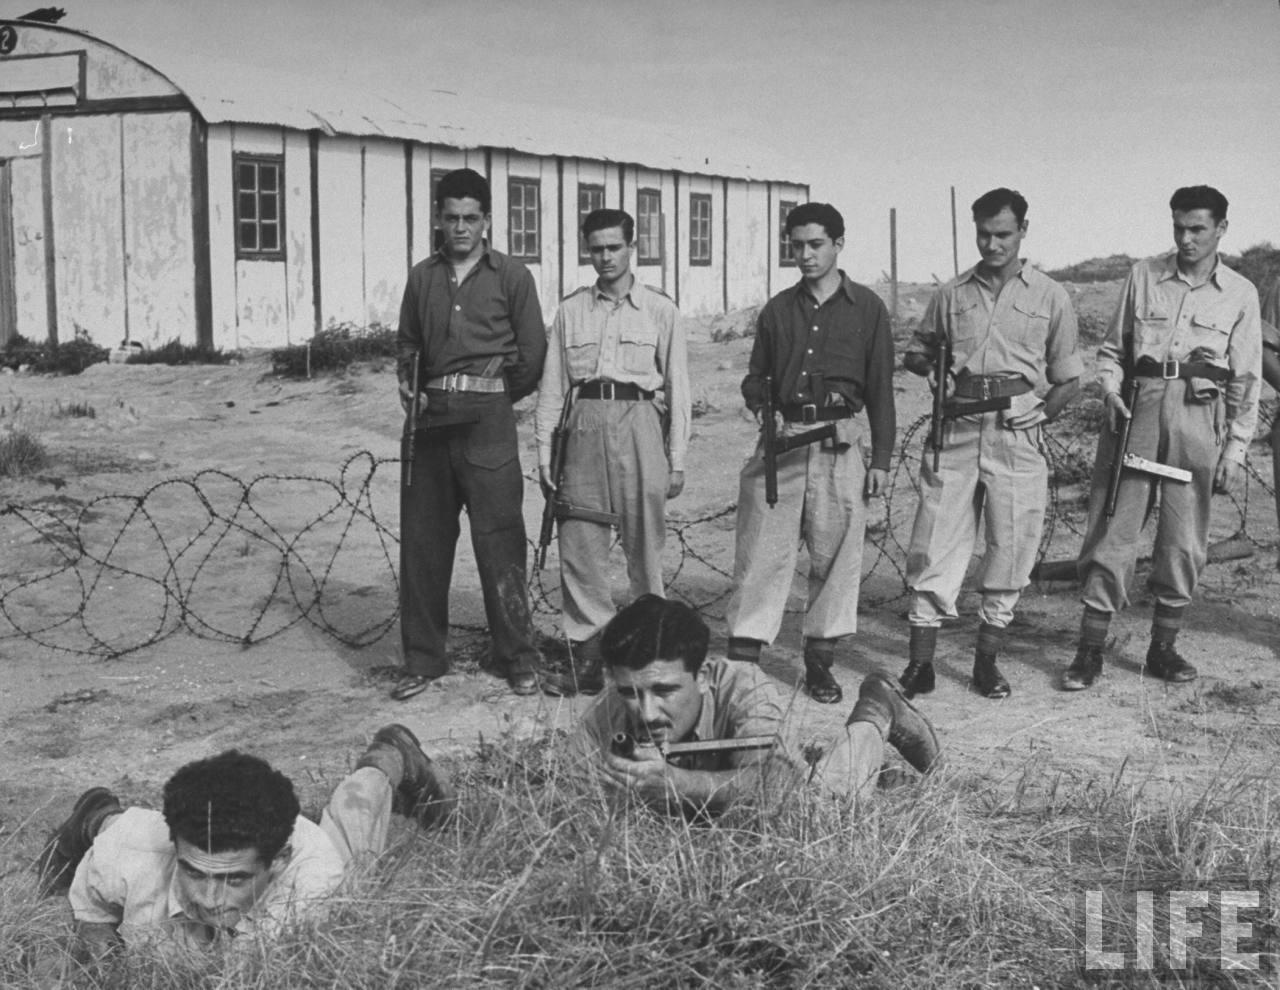 На тайных сборах в горах новобранцы «Хаганы» проходят военную подготовку. Март